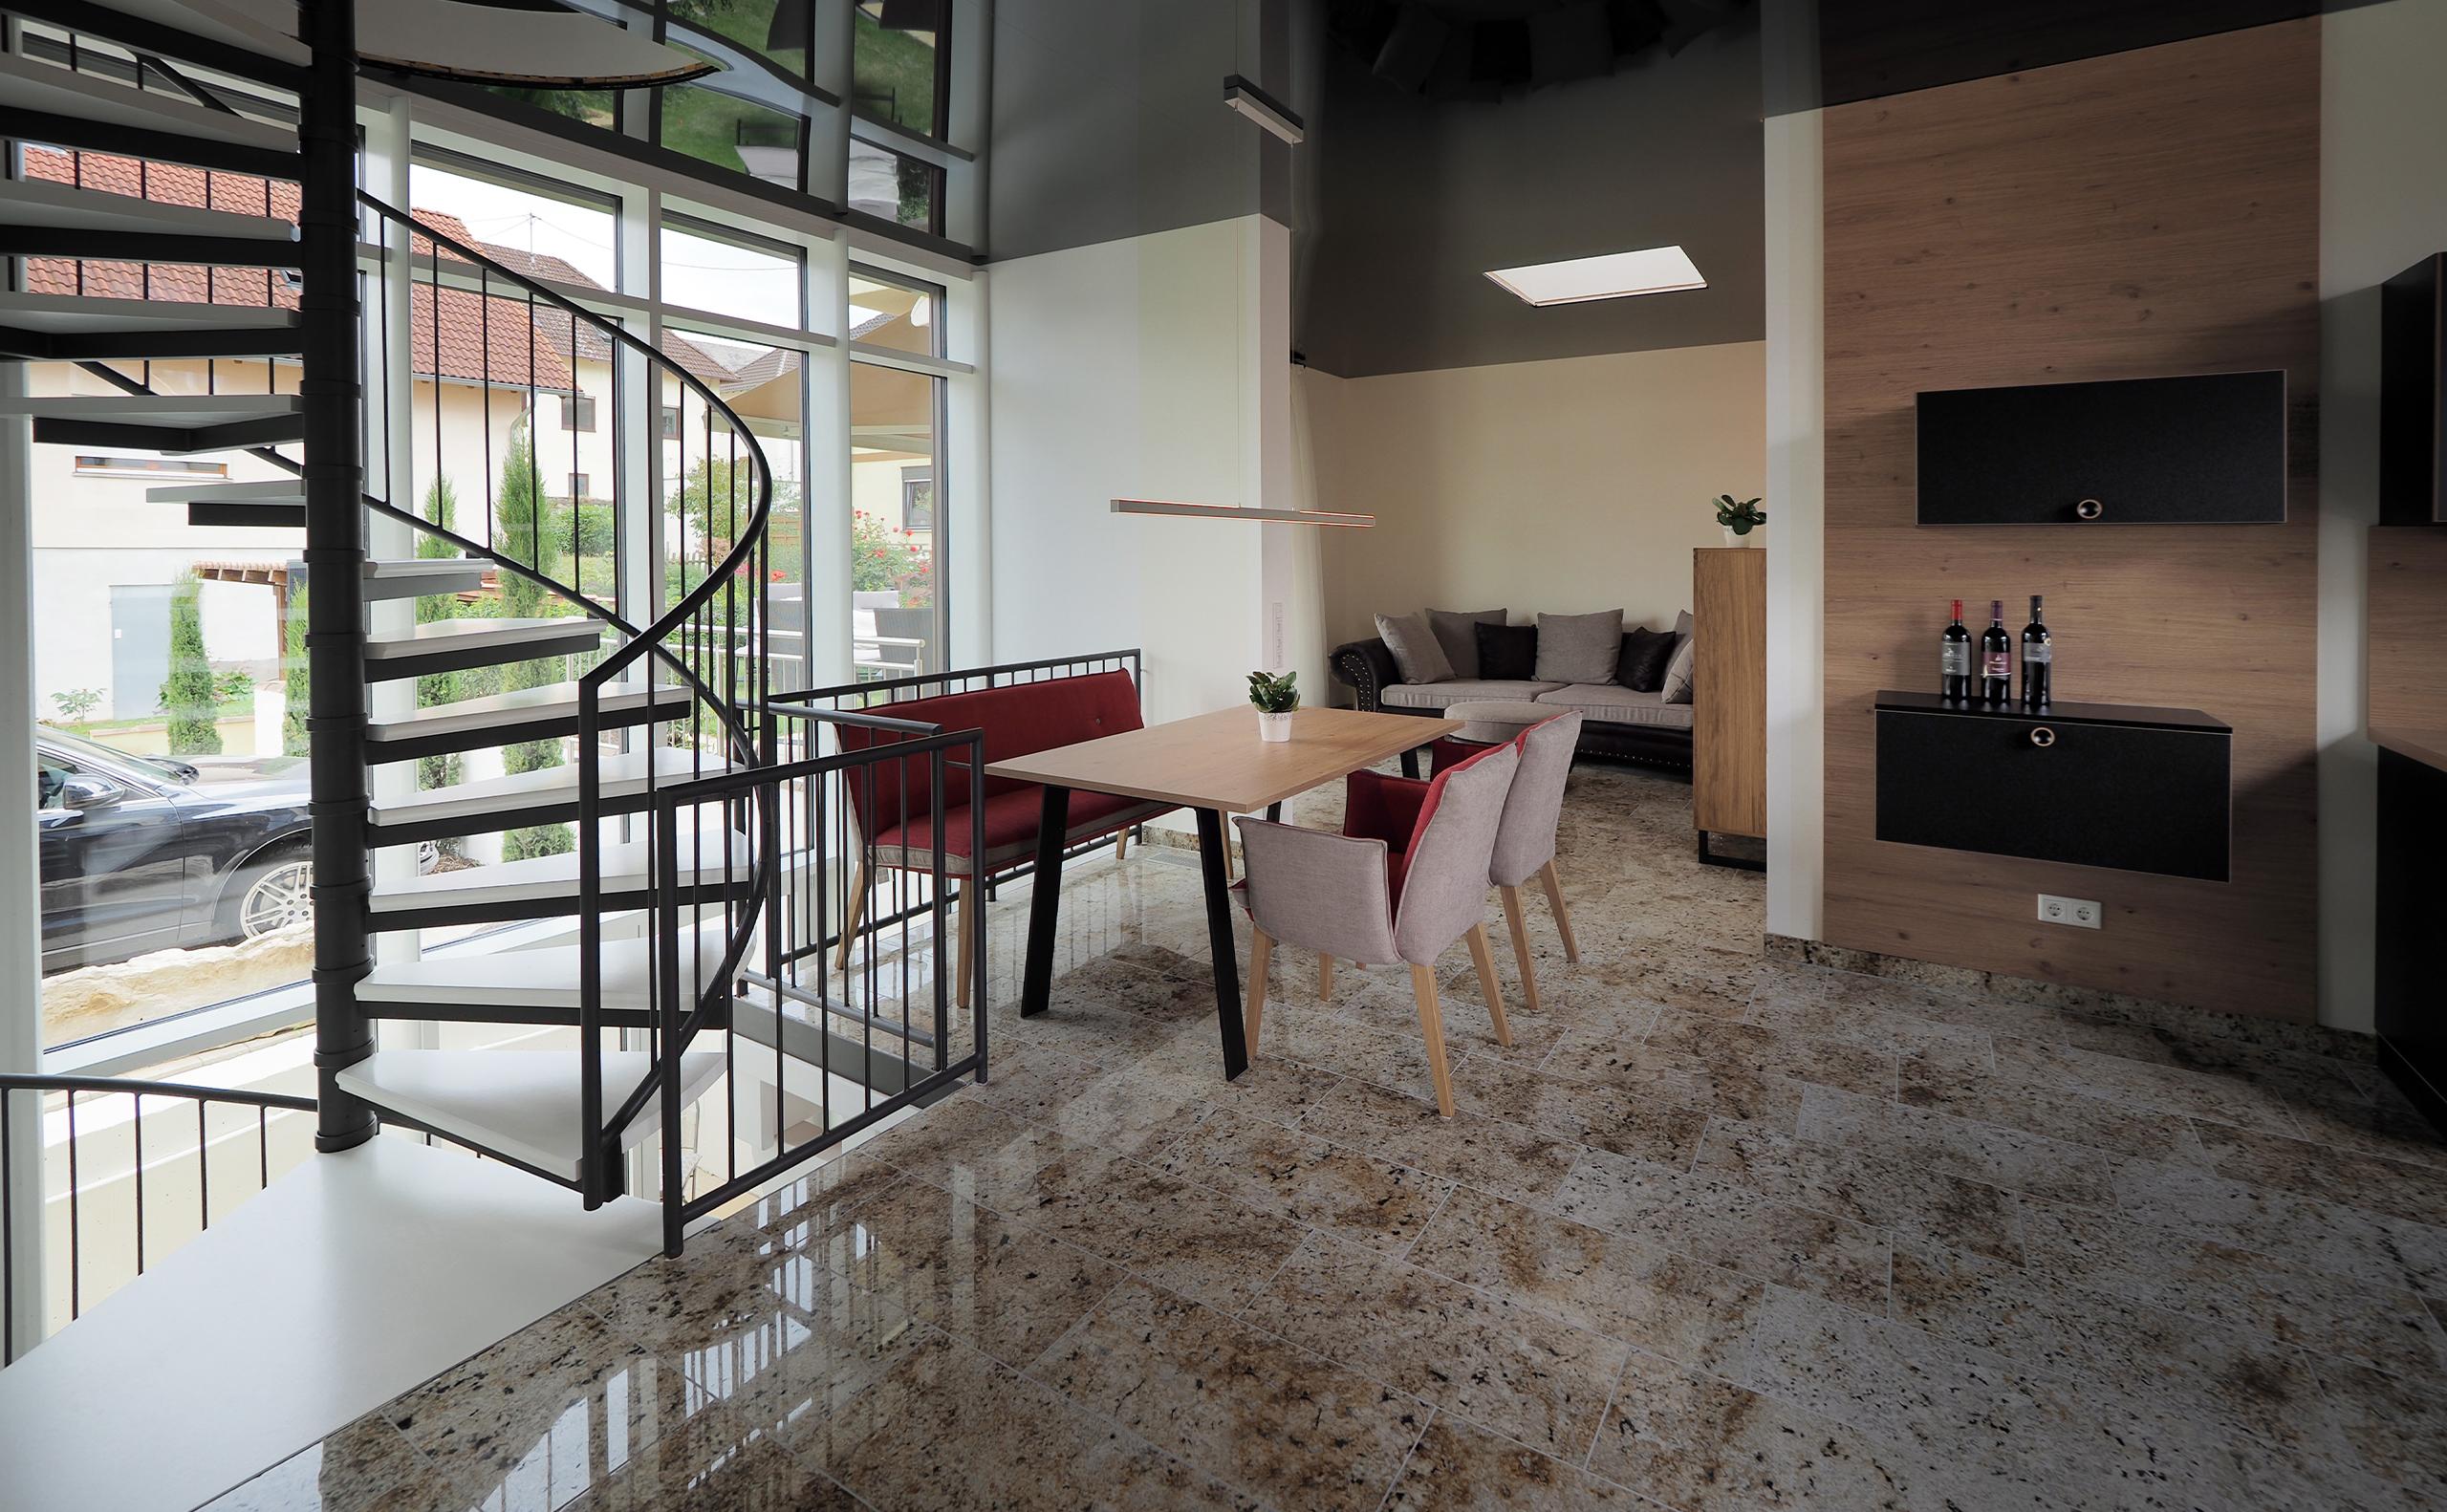 Ferienhaus-A-Wohnzimmer